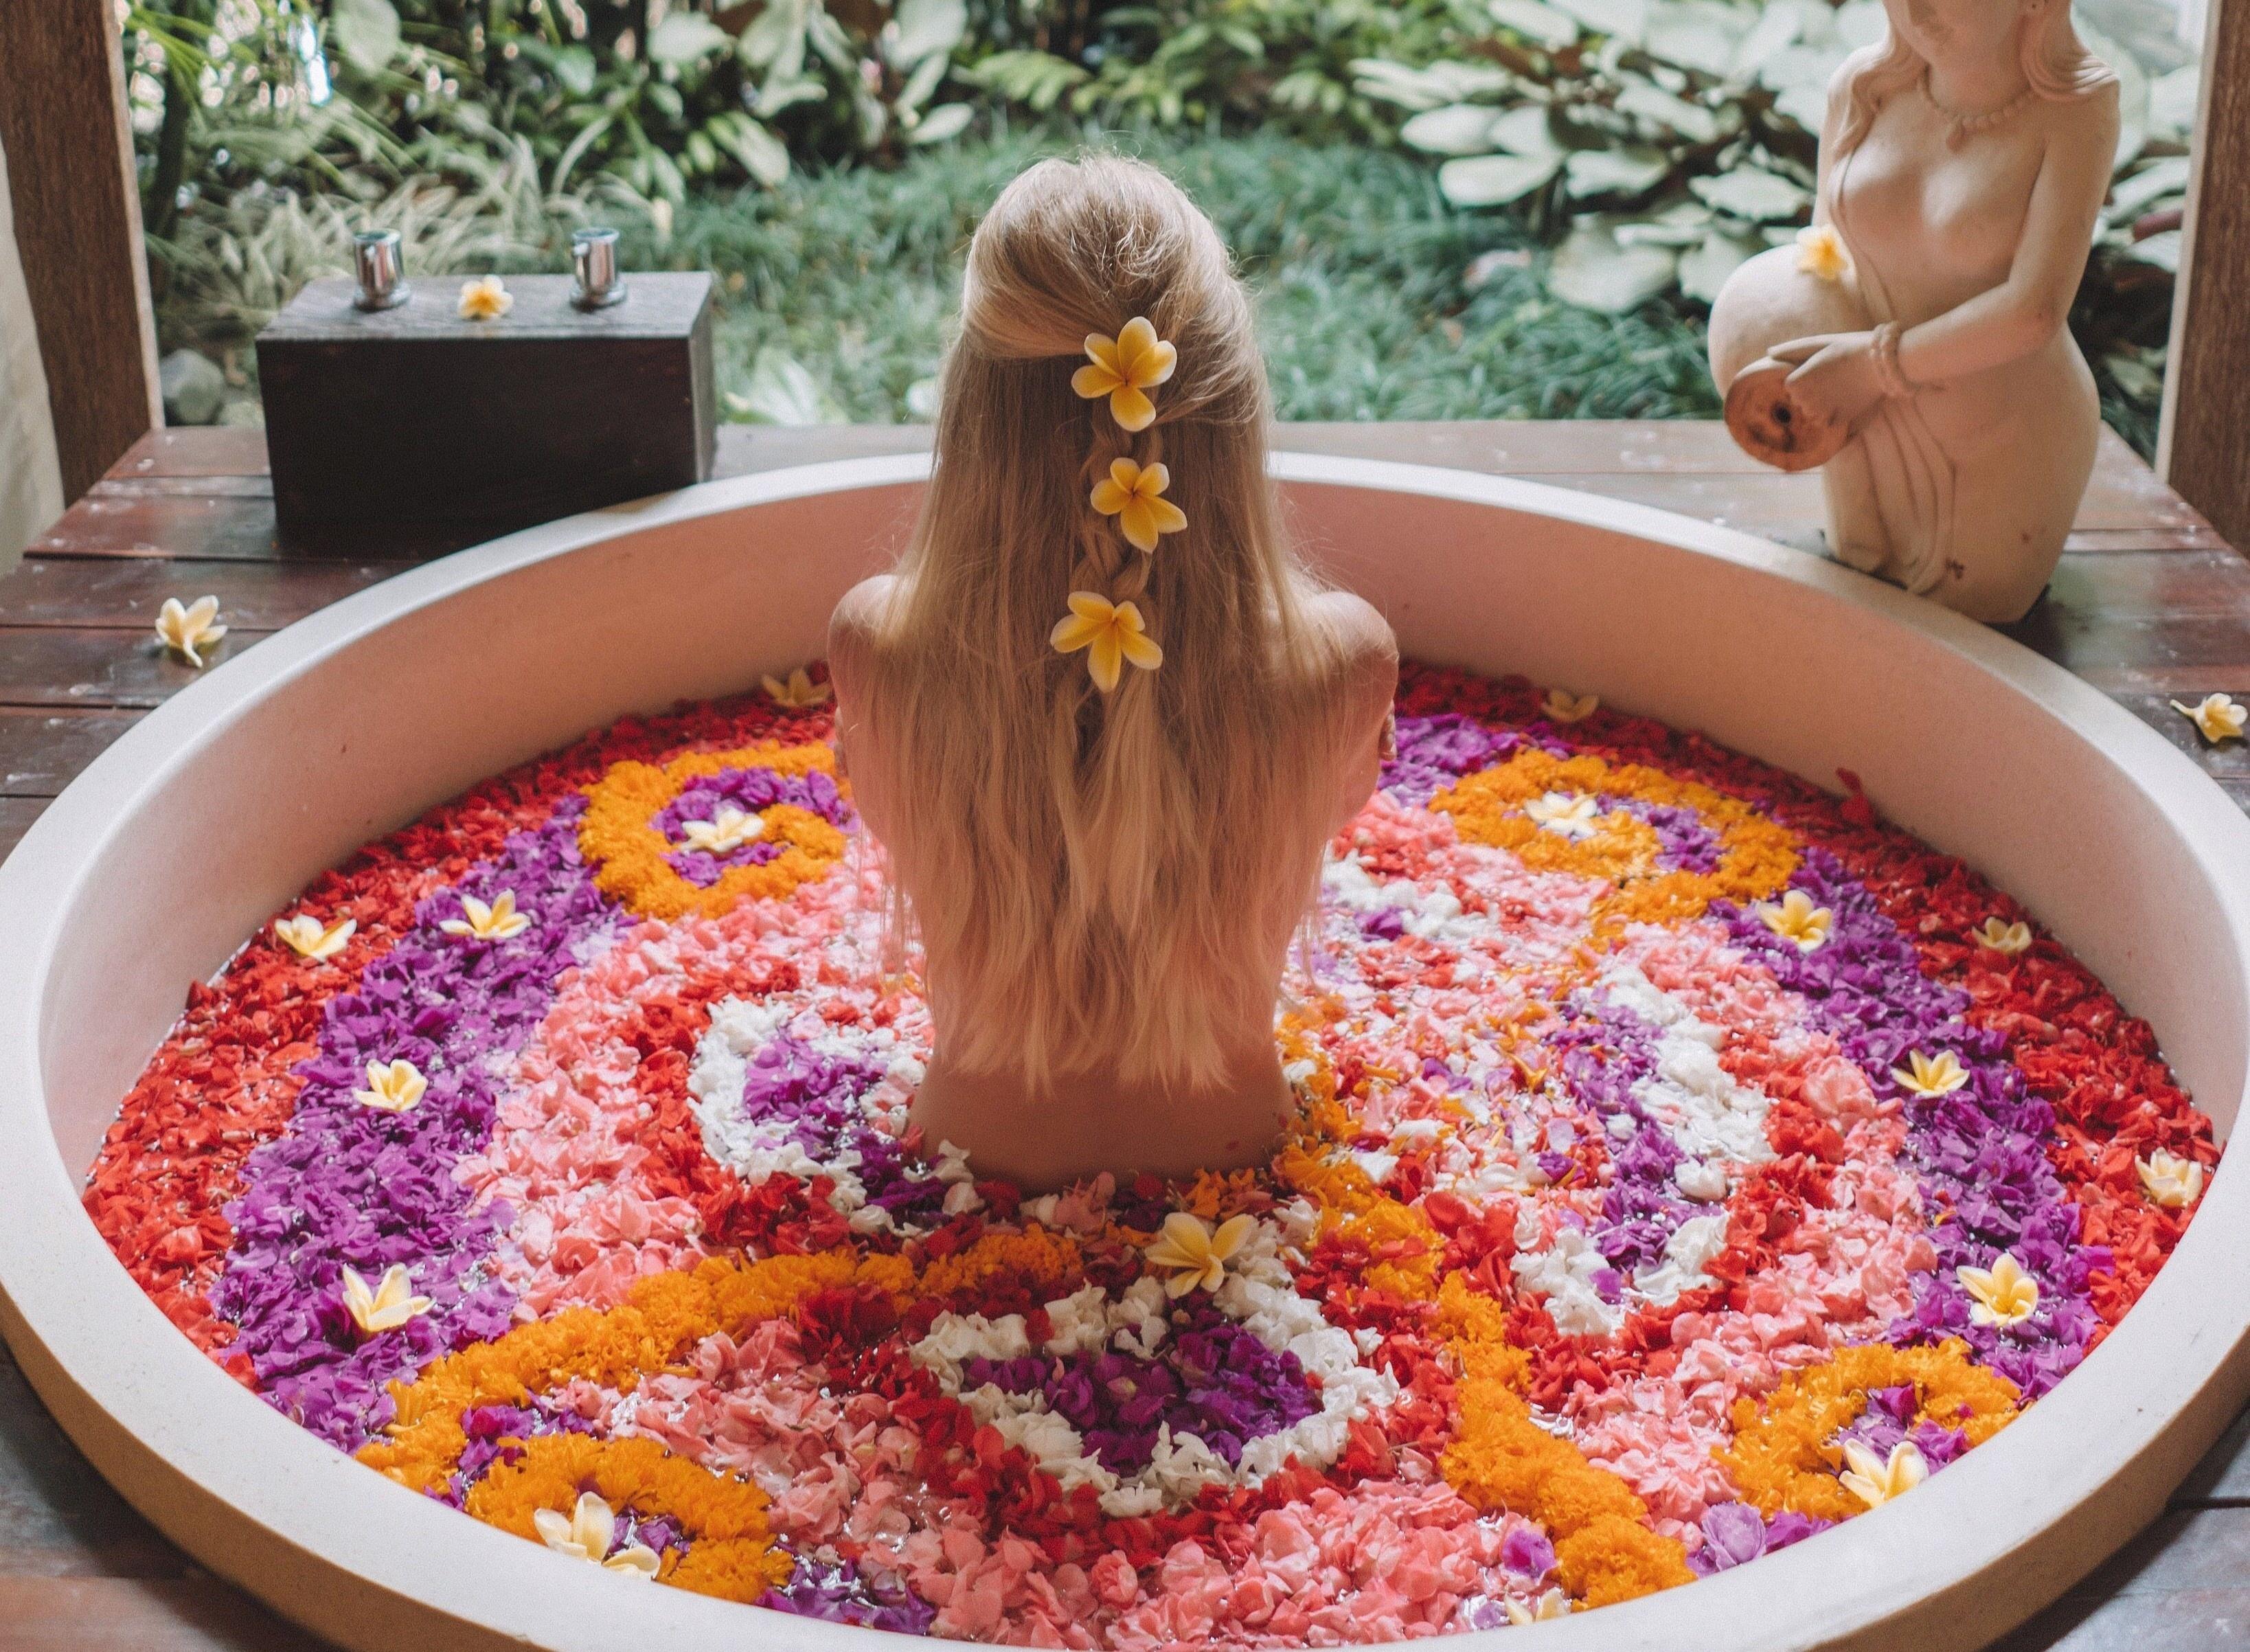 Nhung bon tam hoa tuyet my cho cac cap doi o Bali hinh anh 1 f362cb3684ec3d05dffdbe8175879ad5_1.jpg